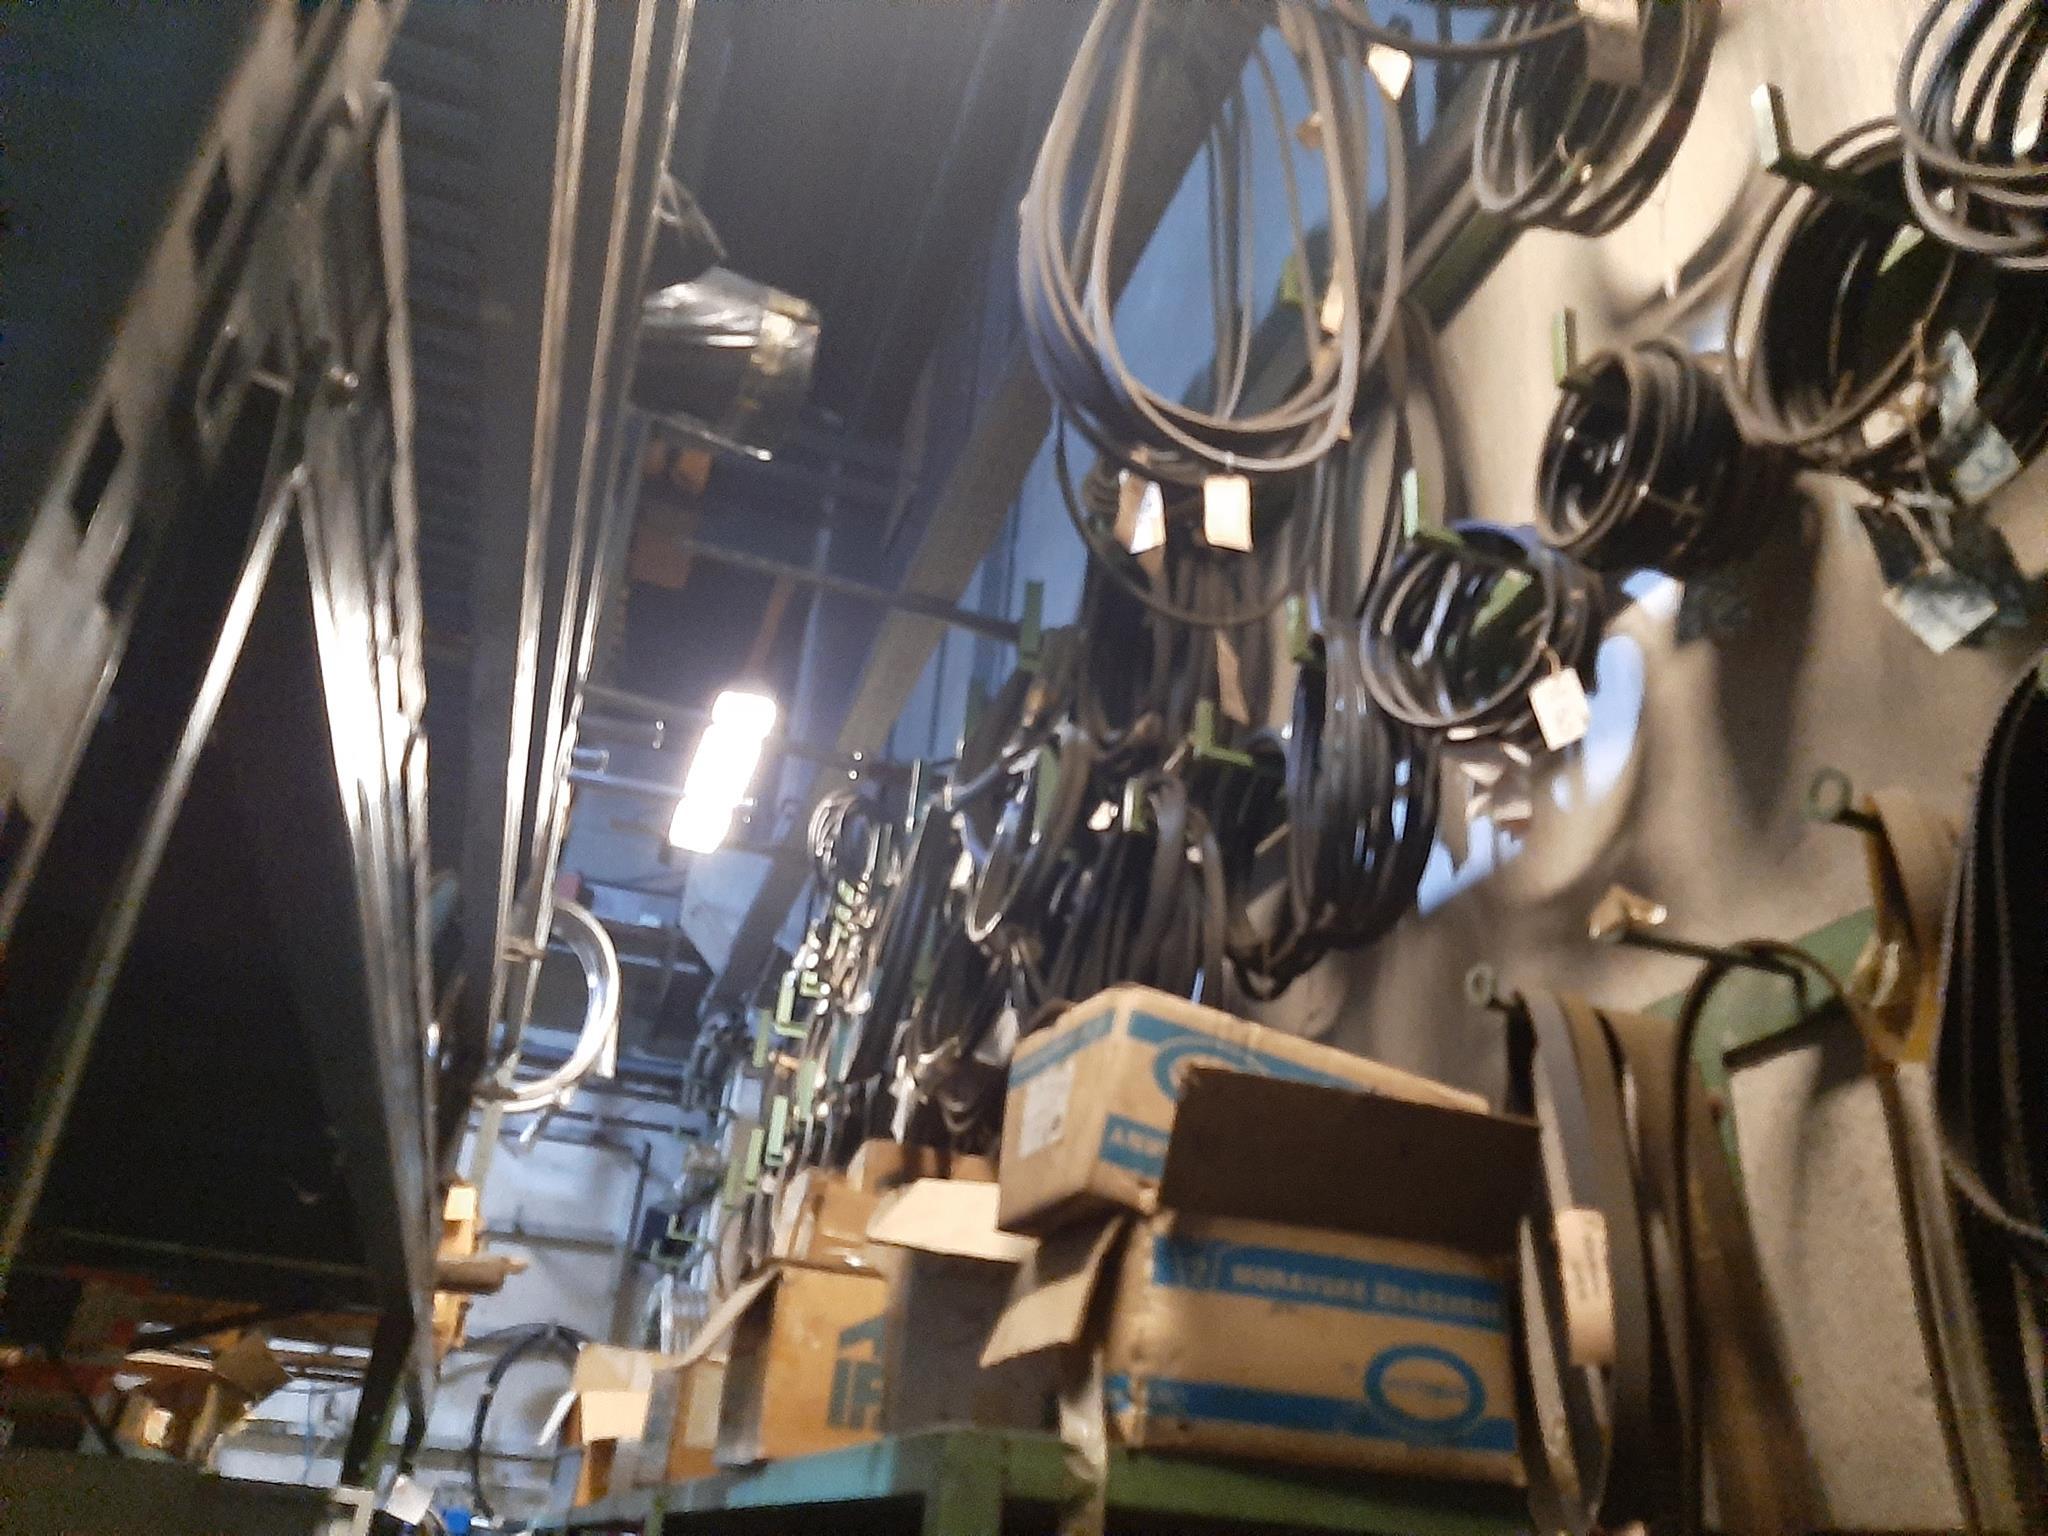 Magazzino componenti meccanici e oleodinamici in vendita - foto 11